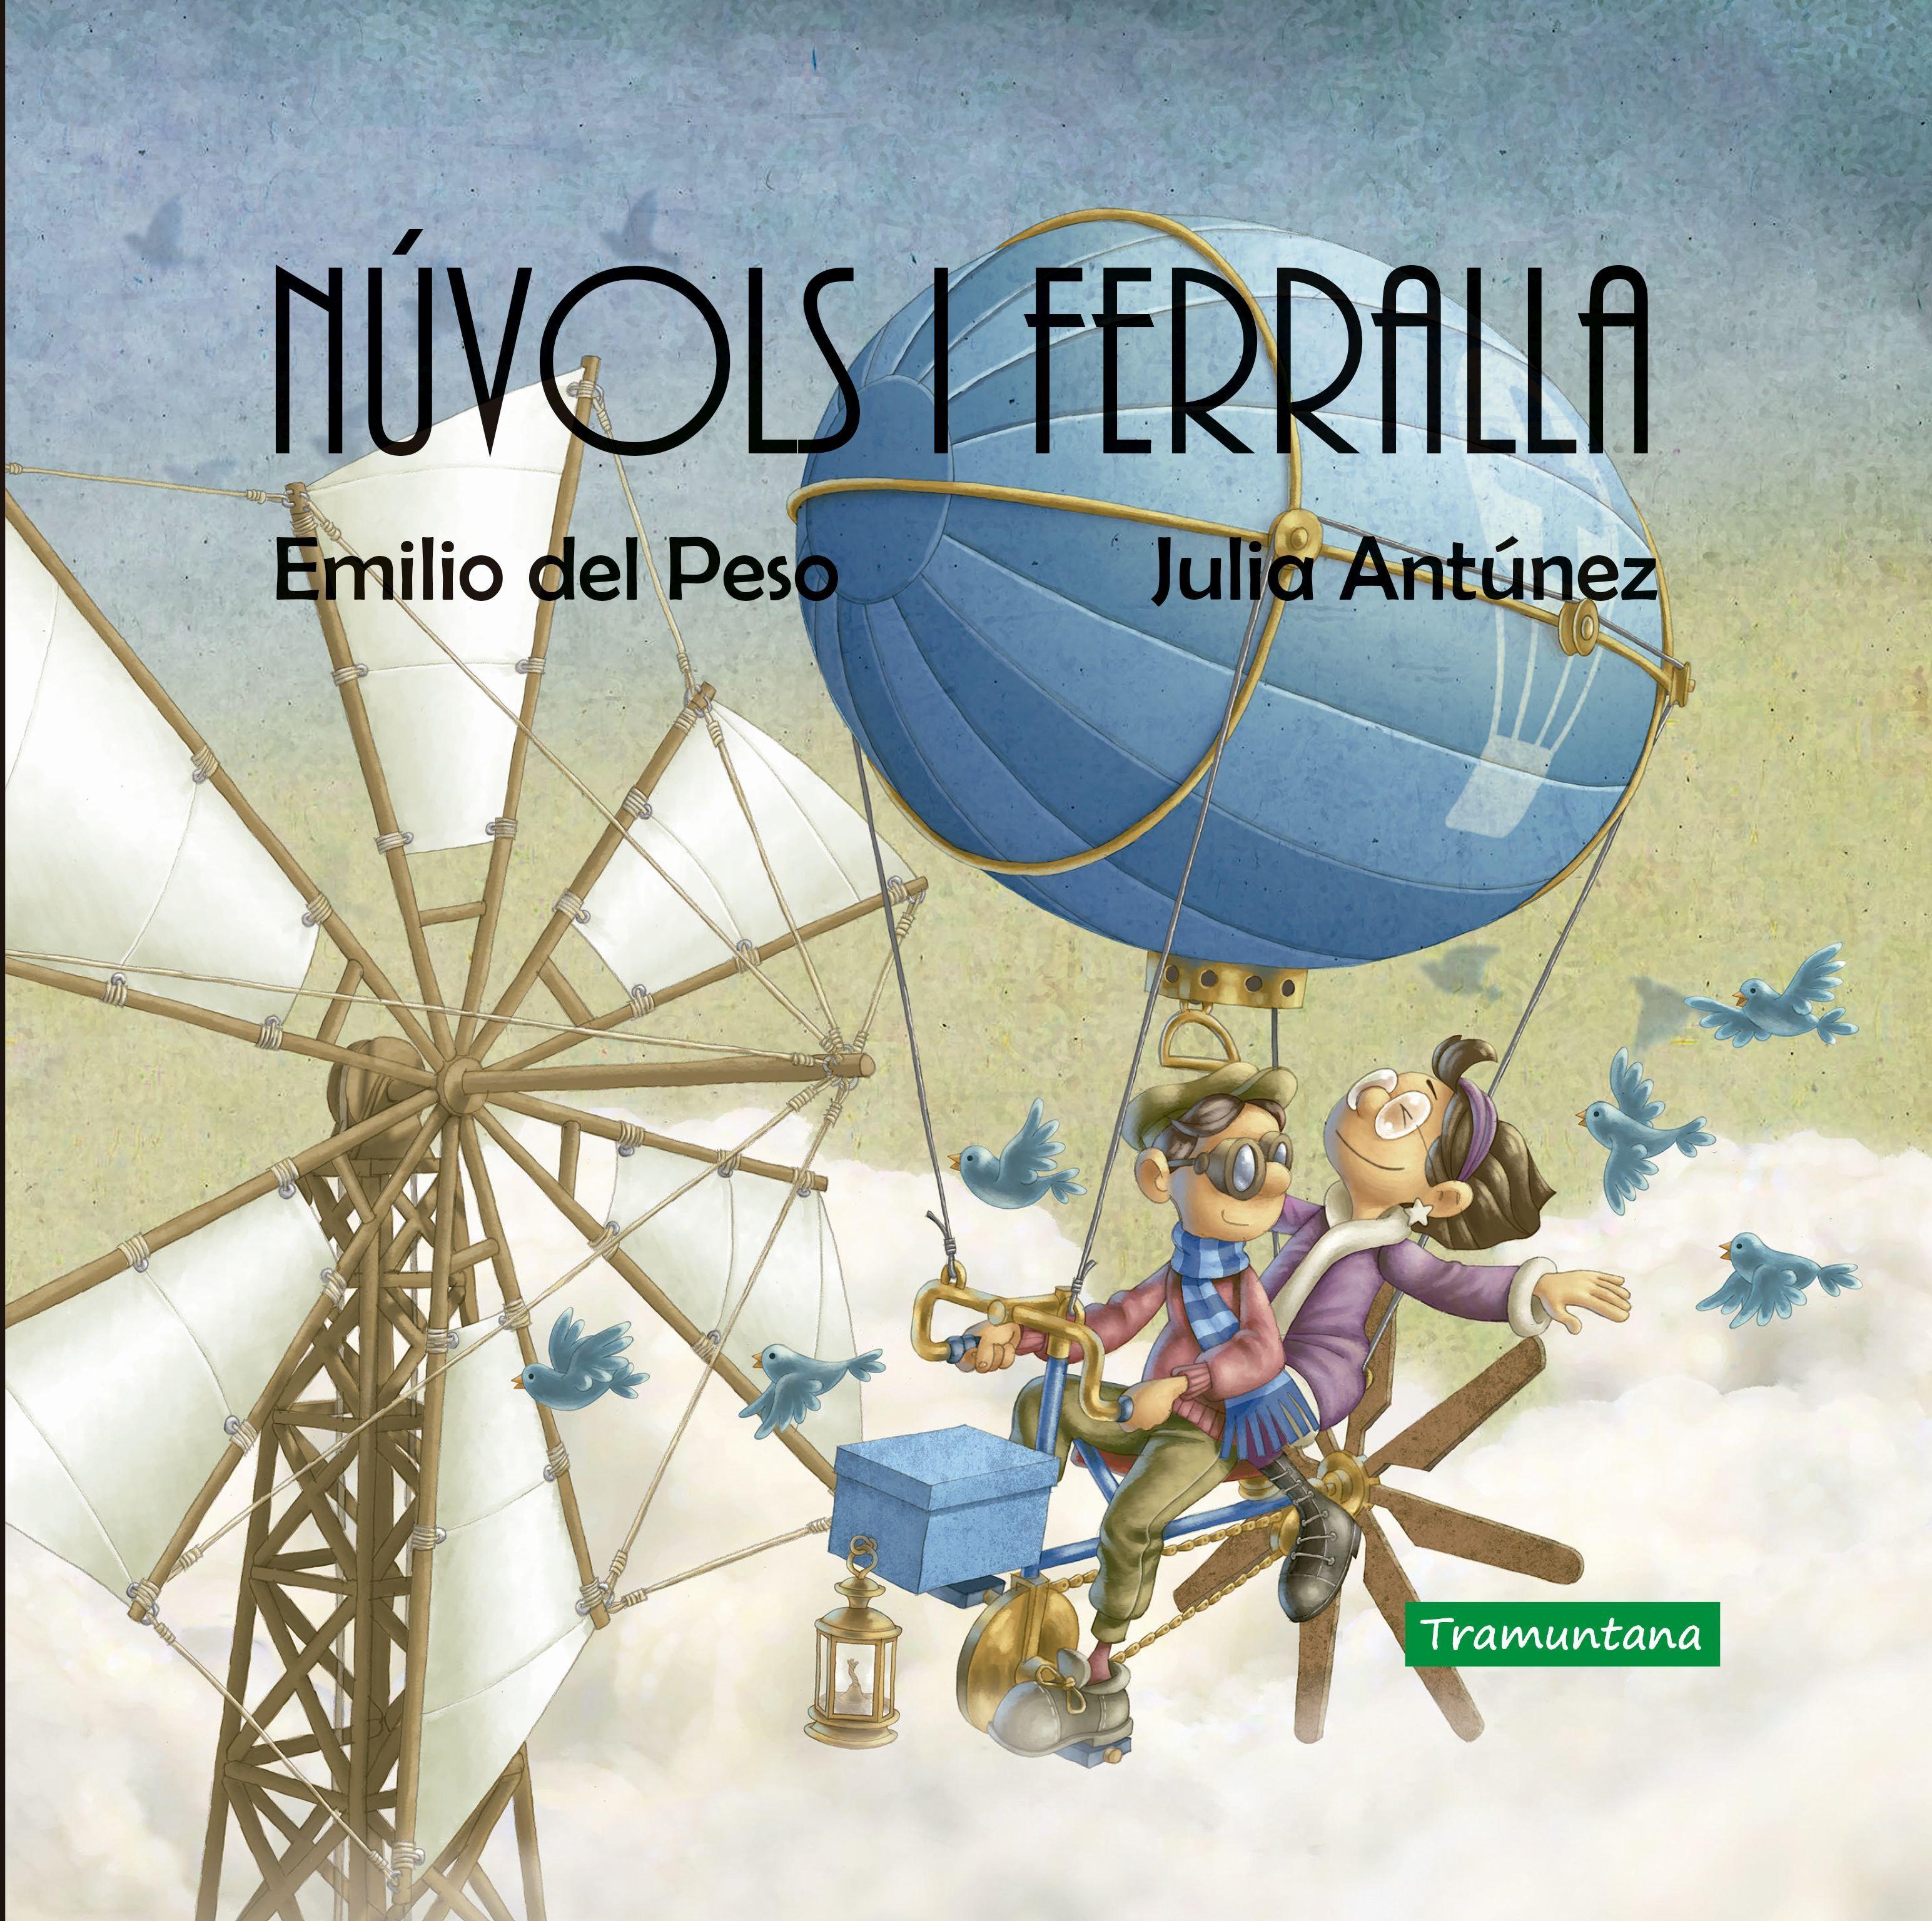 NUVOLS I FERRALLA